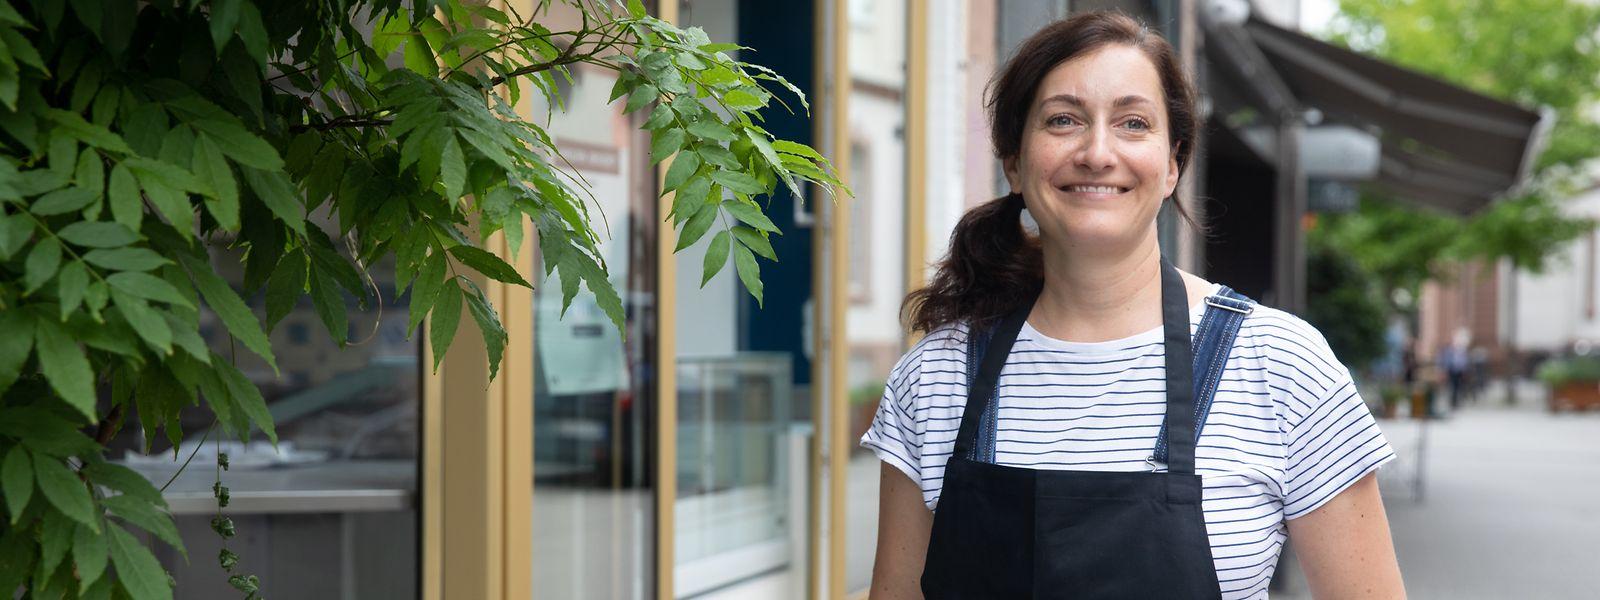 """Als Standort kam für Elisabeth Adams in Trier nur die beliebte Neustraße infrage. Eine Geschäftseröffnung in Luxemburg war für sie hingegen kein Thema – """"dort verlangt die Chambre des Metiers eine Ausbildung zur Konditorin""""."""